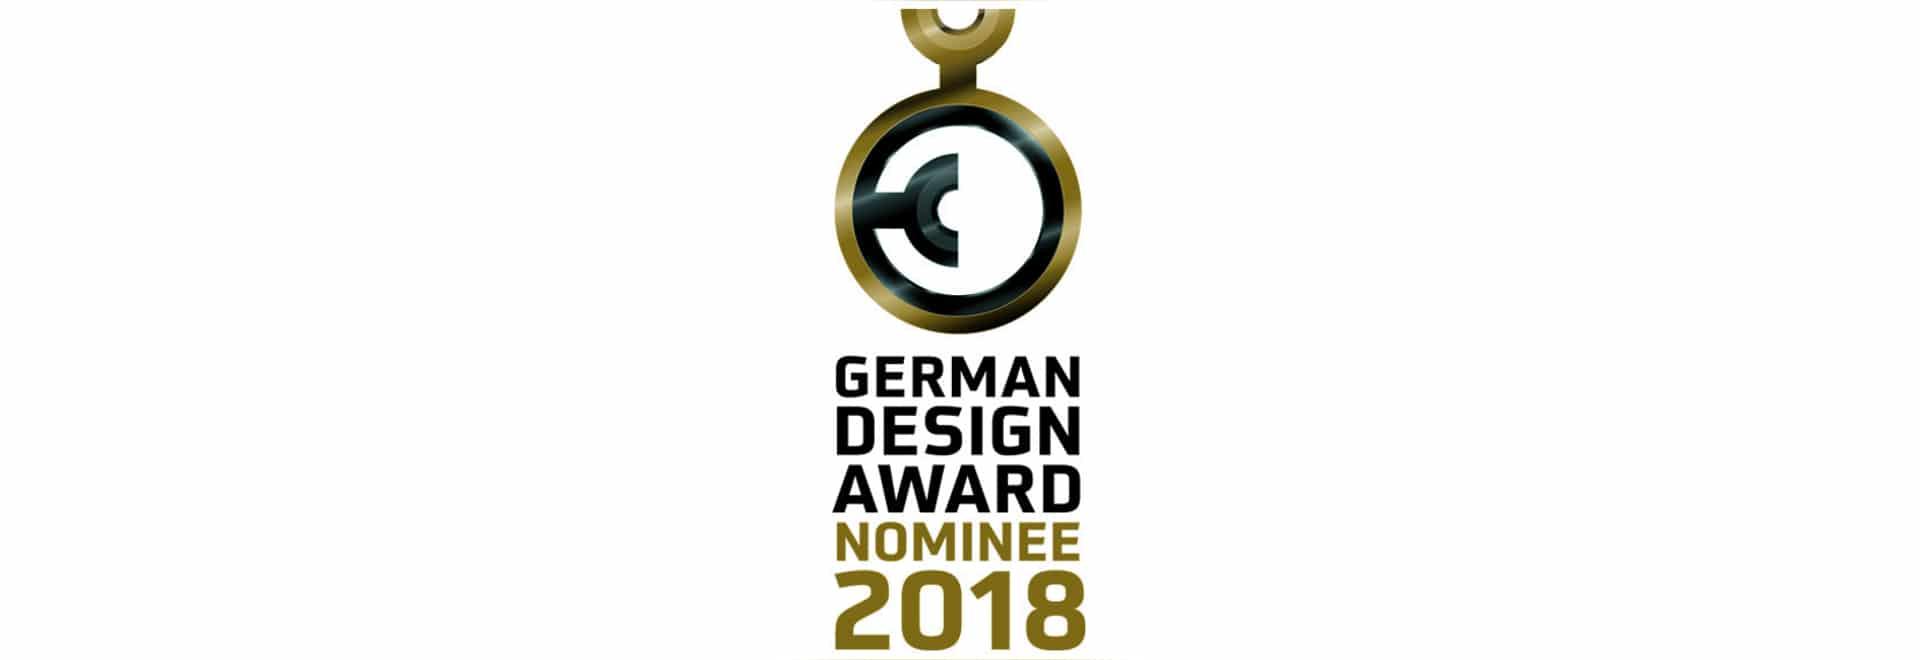 Nombramiento para el premio alemán 2018 del diseño